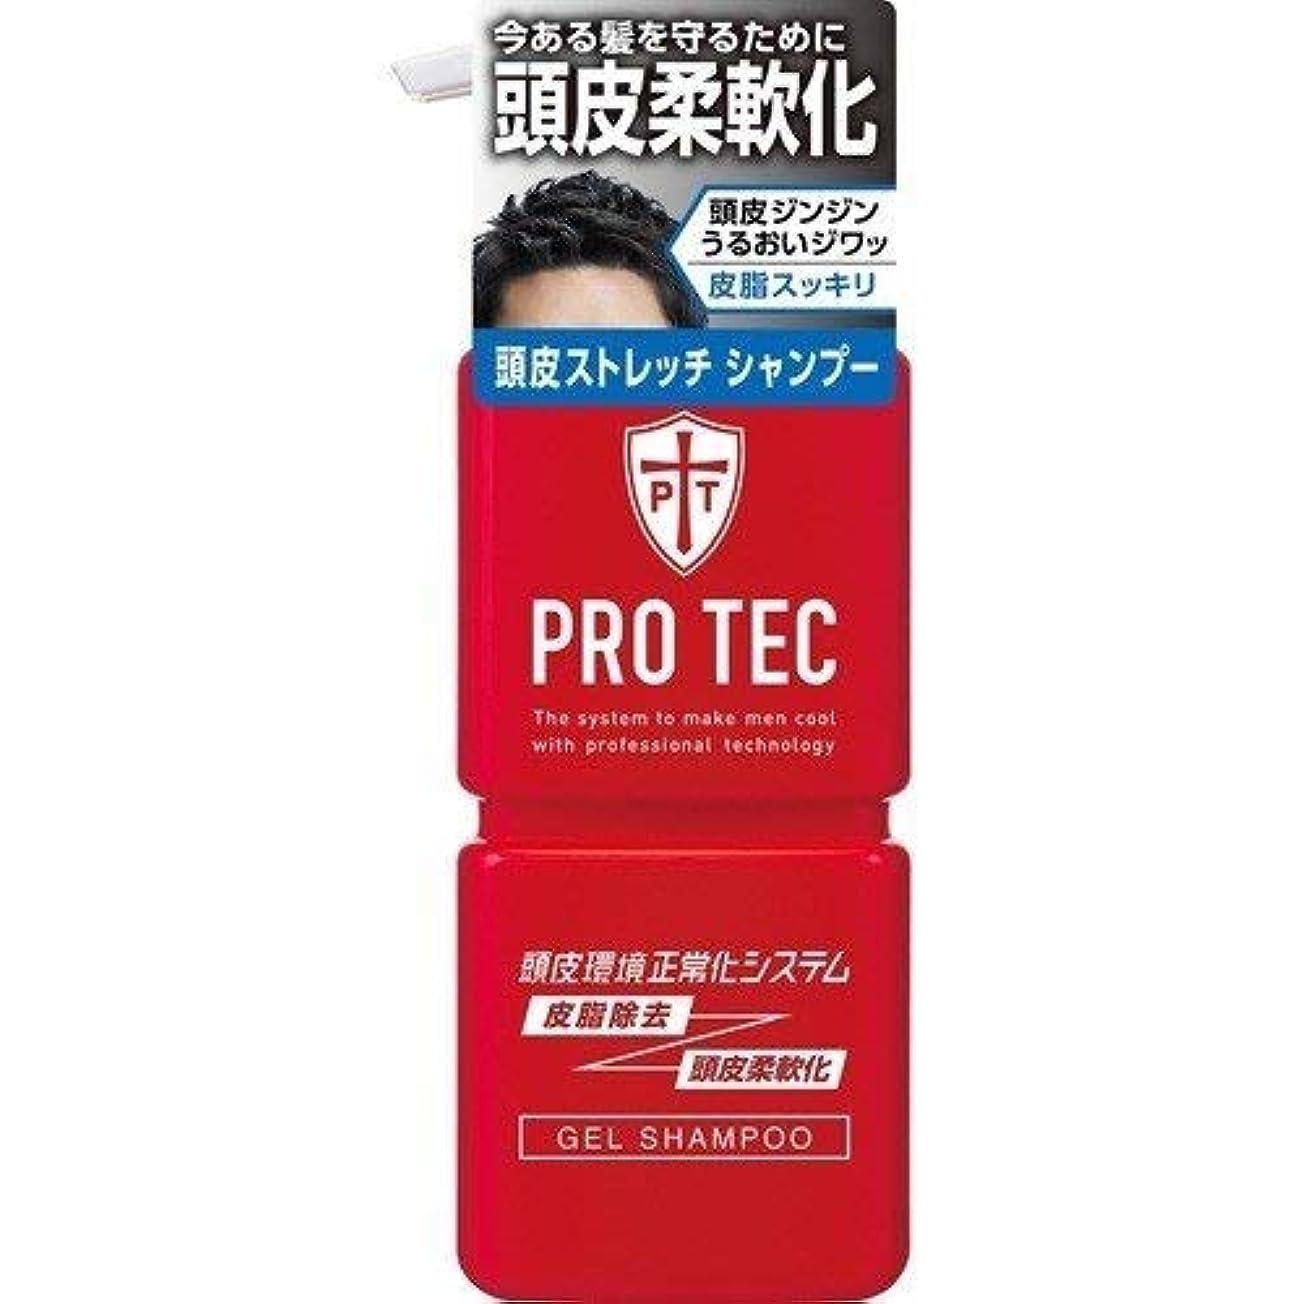 ティーンエイジャーブレイズ見つけたPRO TEC(プロテク) 頭皮ストレッチ シャンプー ポンプ 300g (医薬部外品) ×3個